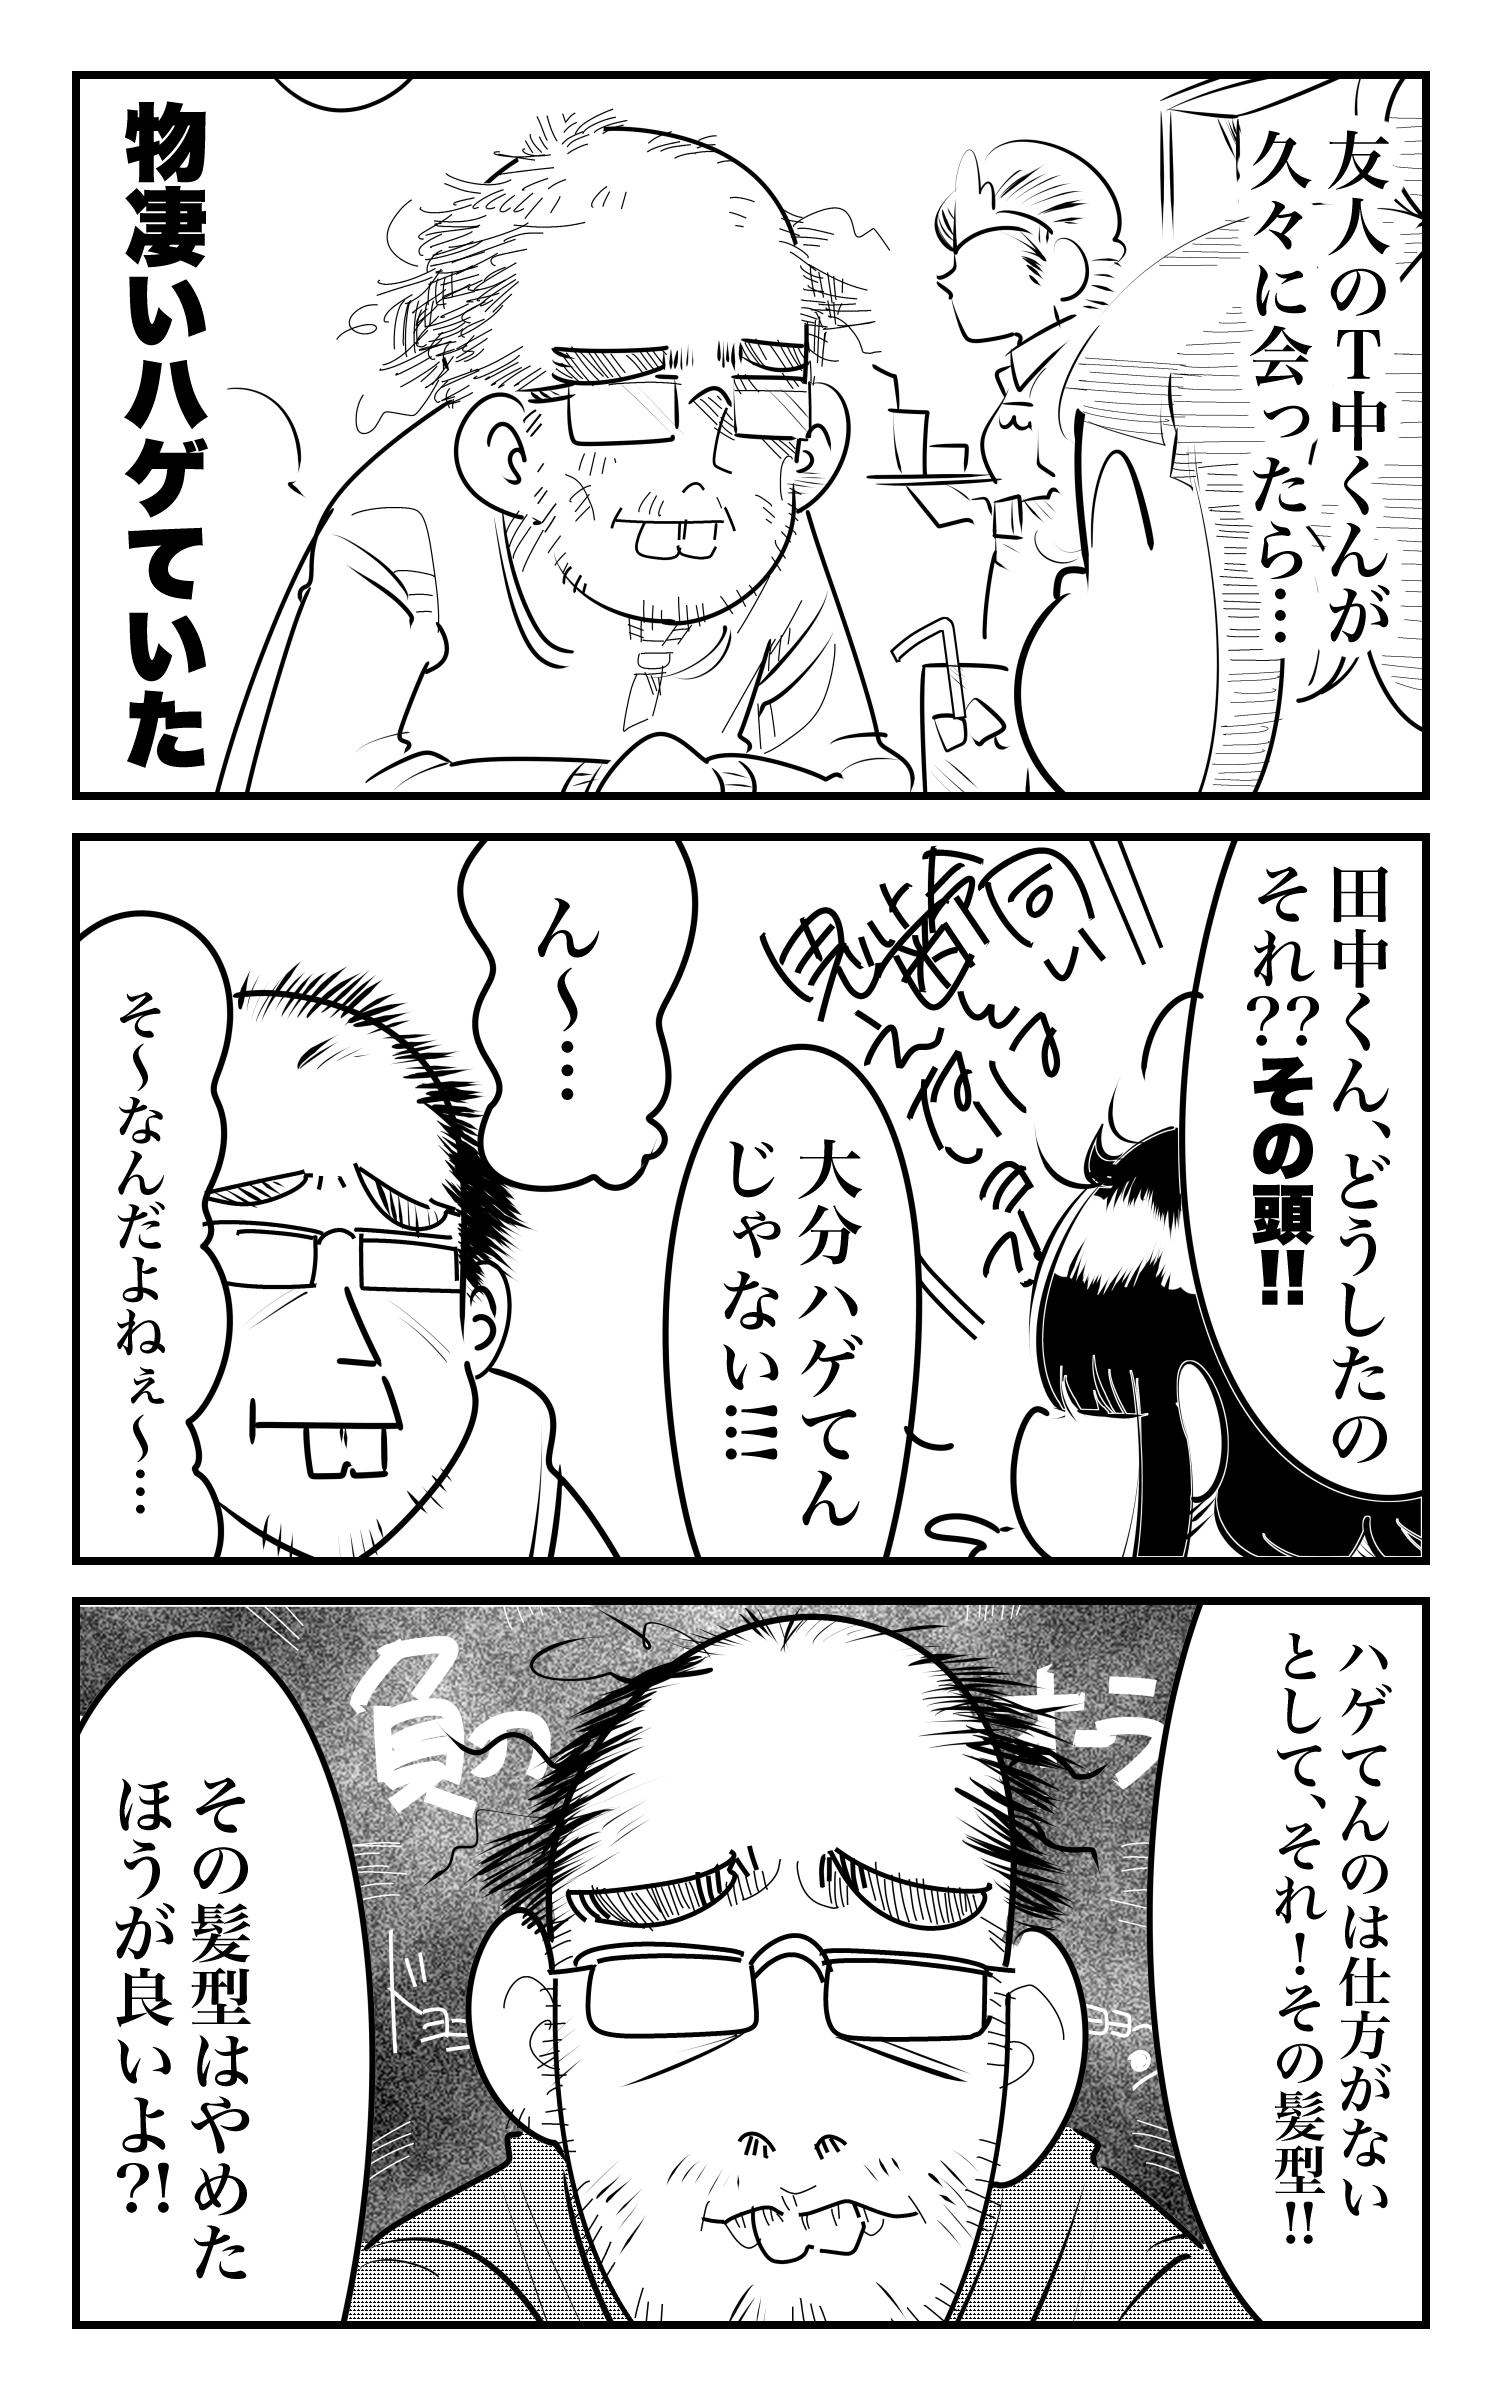 f:id:terashimaru117:20200205222828j:plain